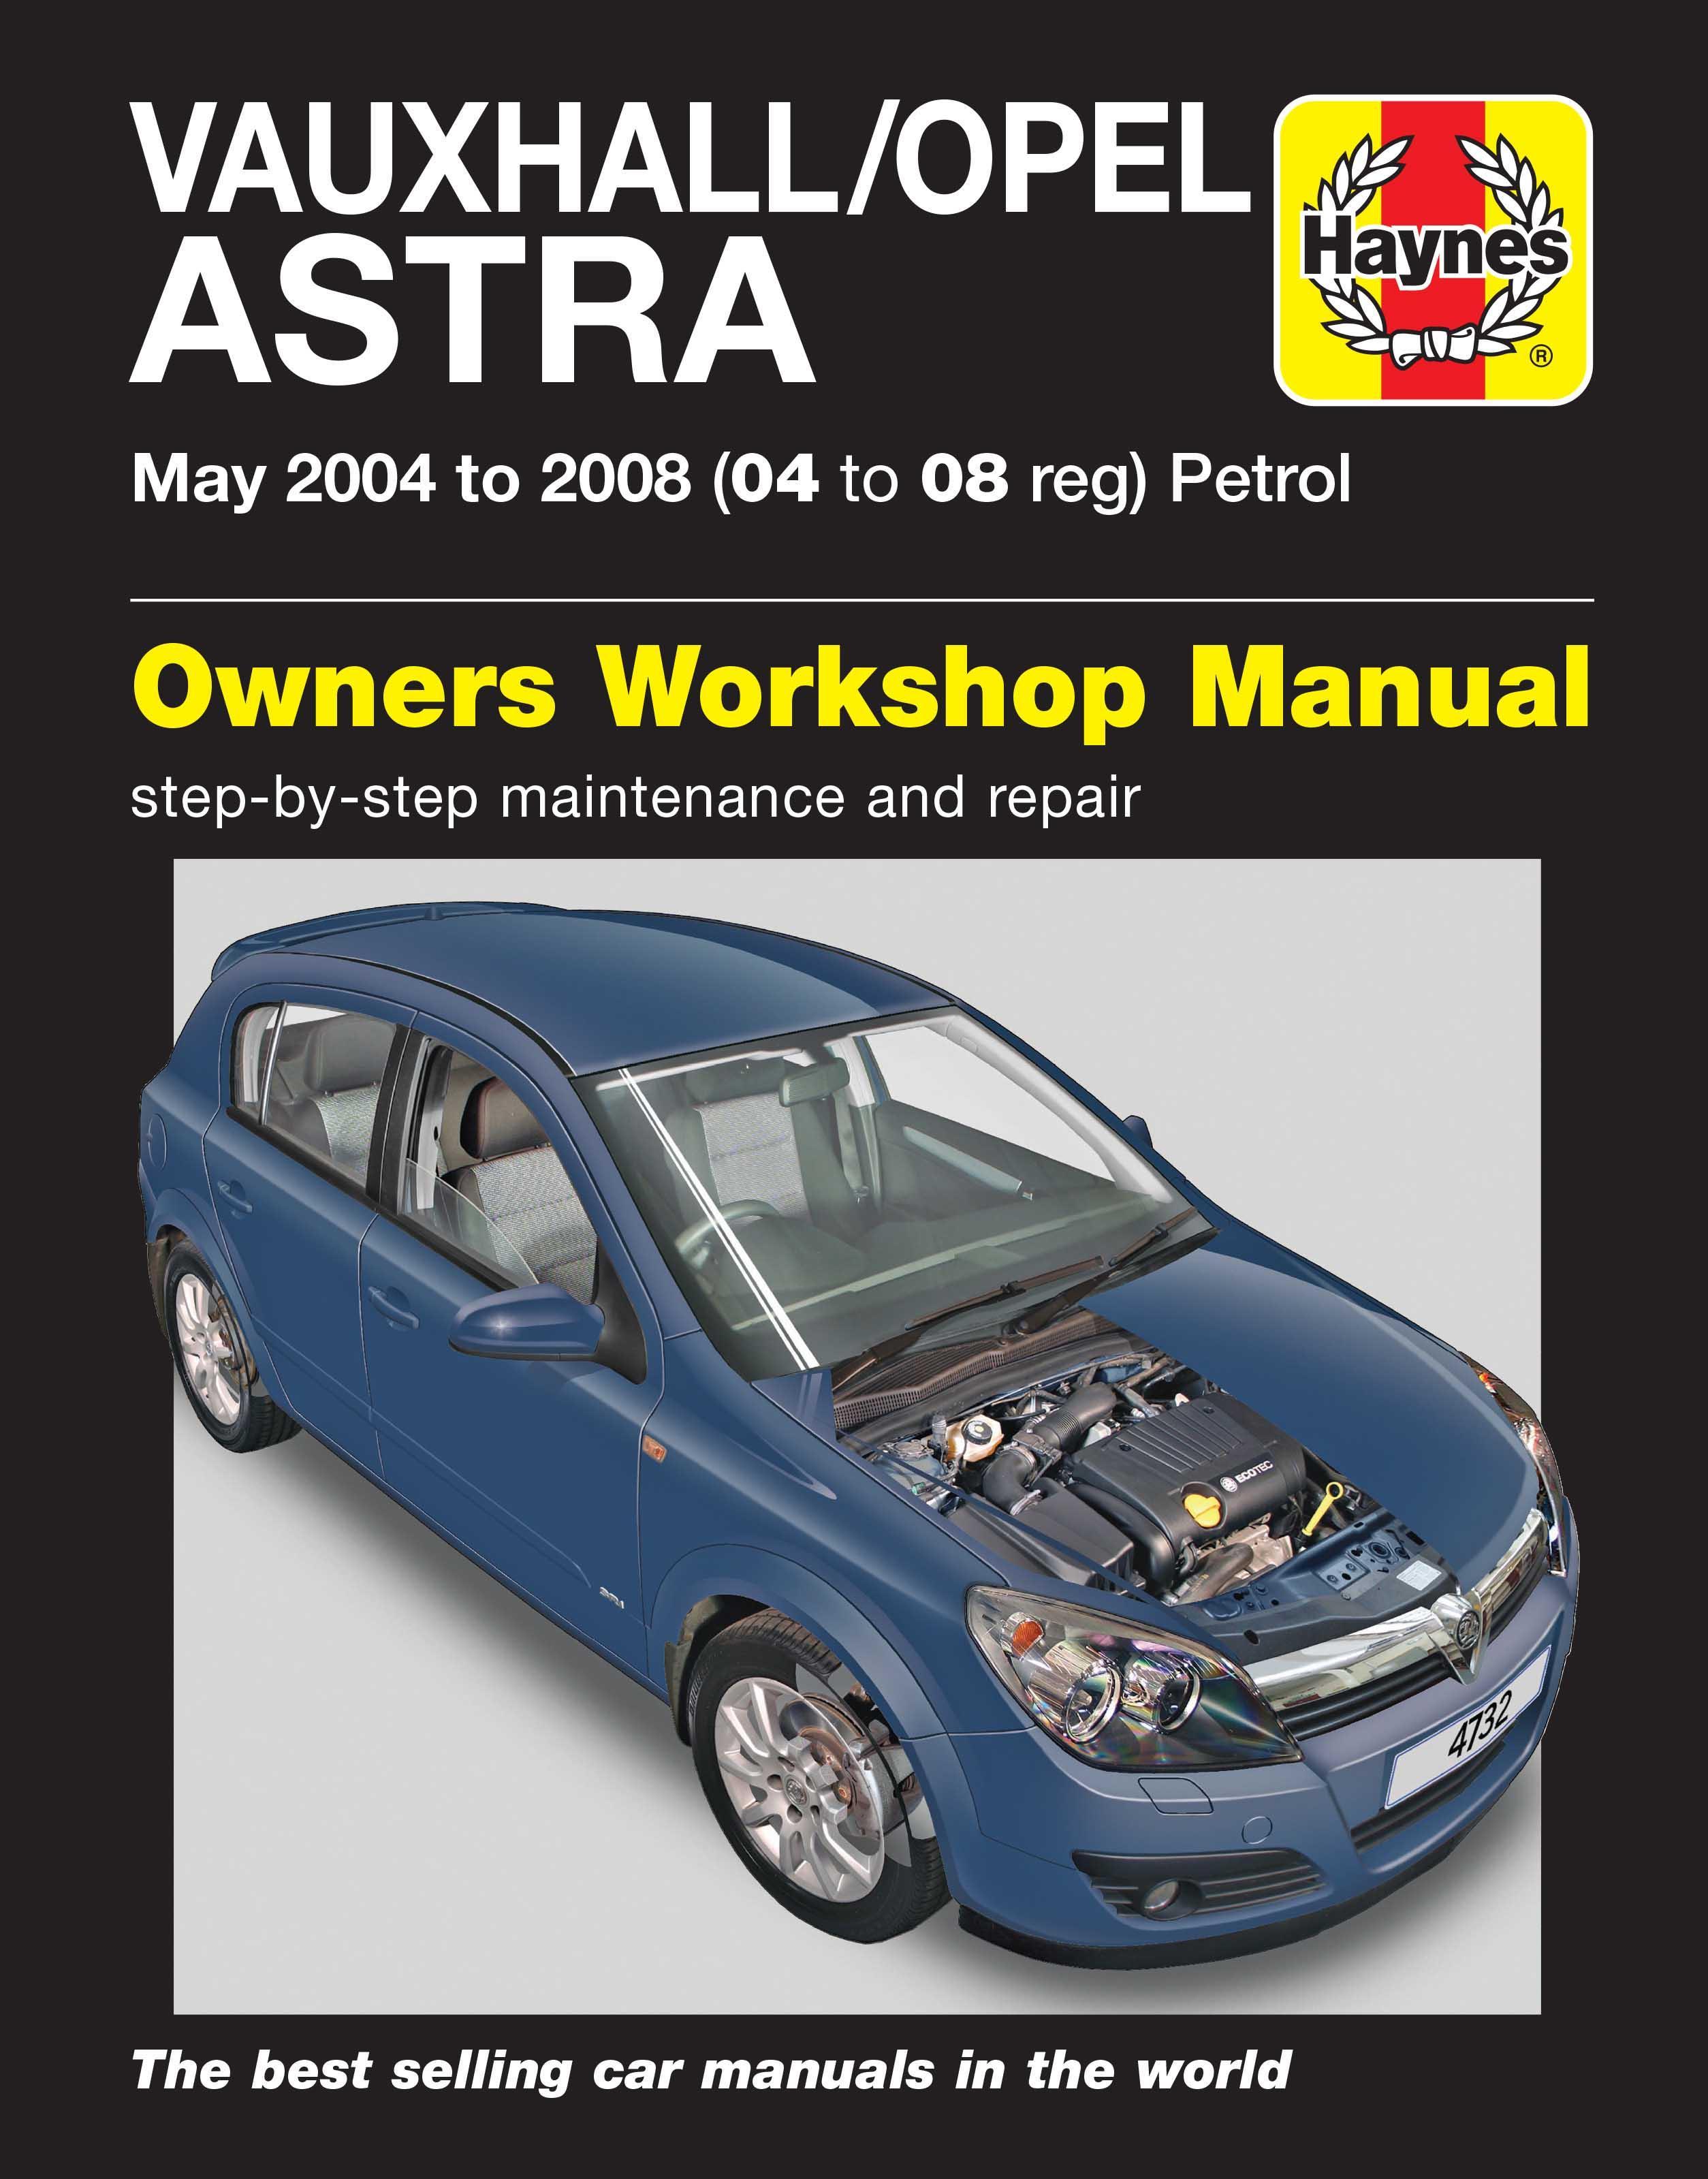 haynes vauxhall astra may 04 08 rh halfords com Opel Astra 2008 opel astra h gtc 2005 manual